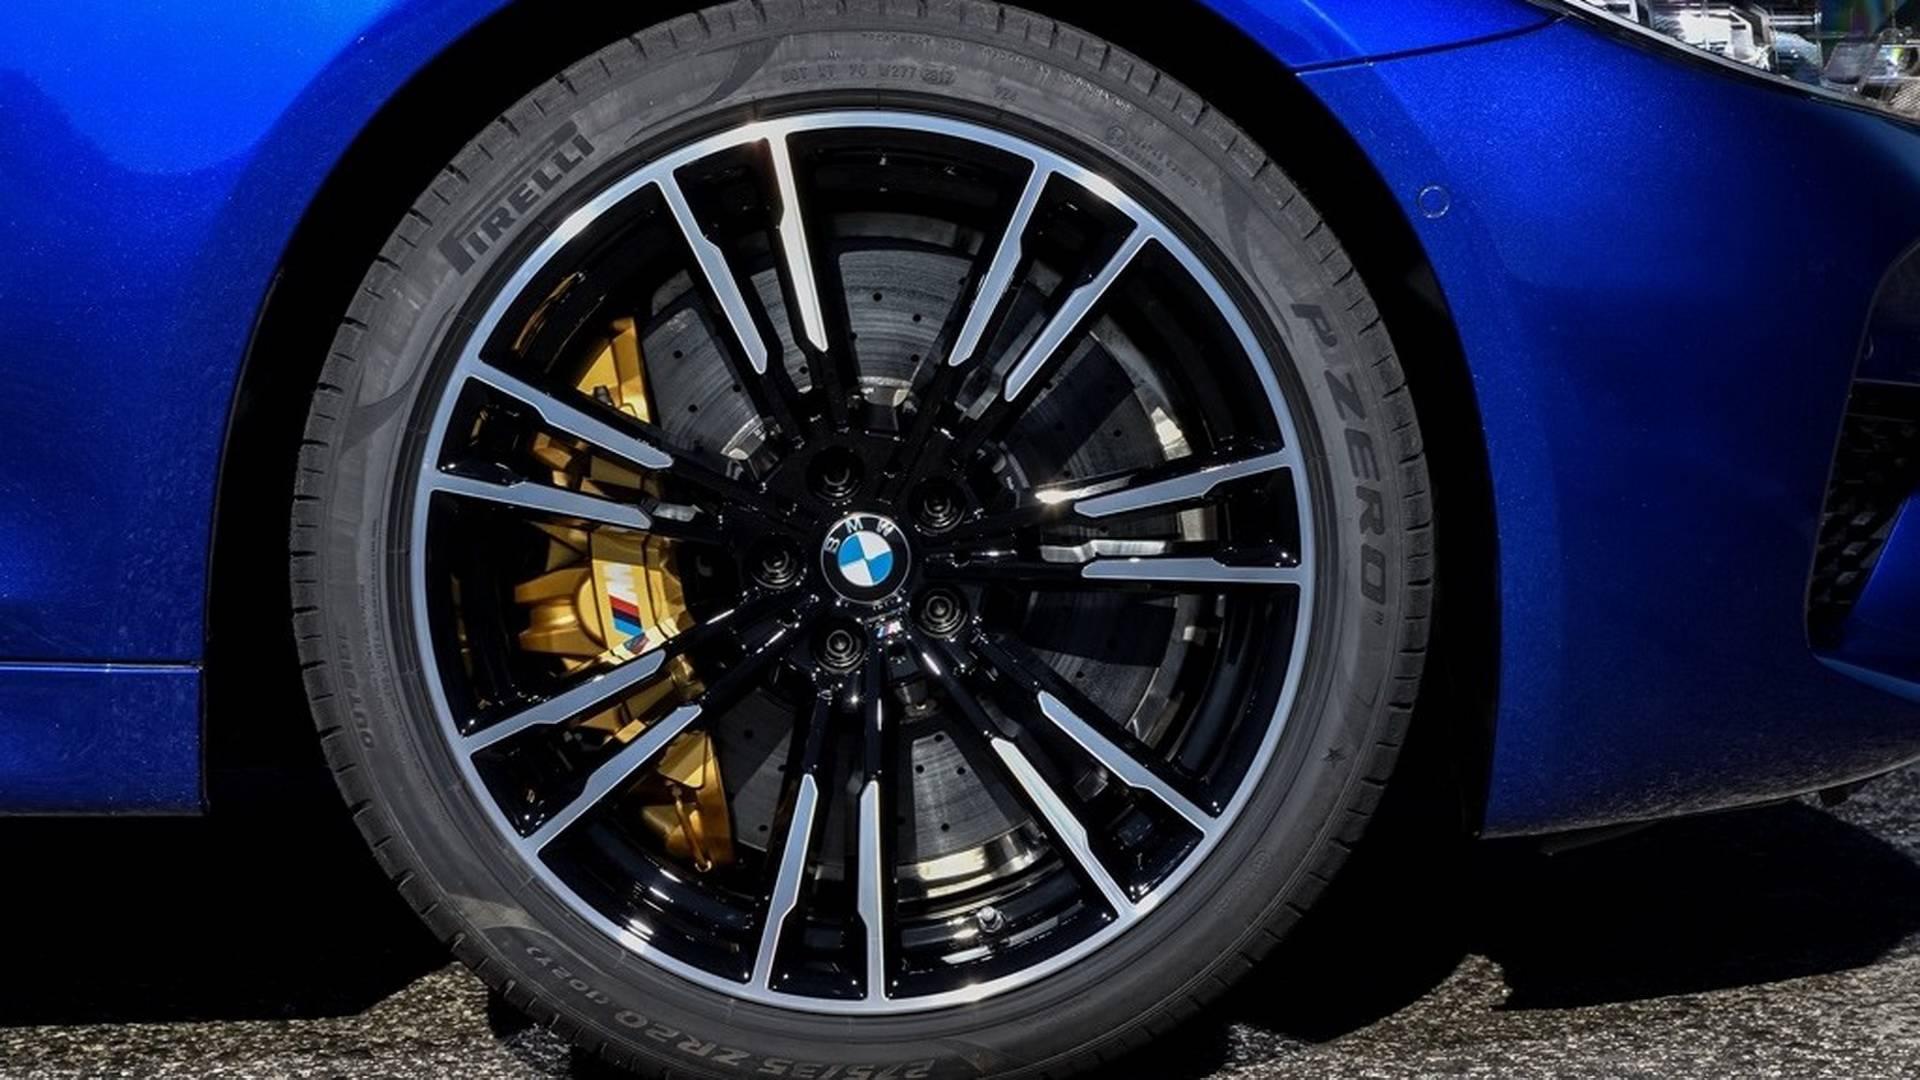 Bmw M5e Pirelliden F1 Esinli özel Lastikler